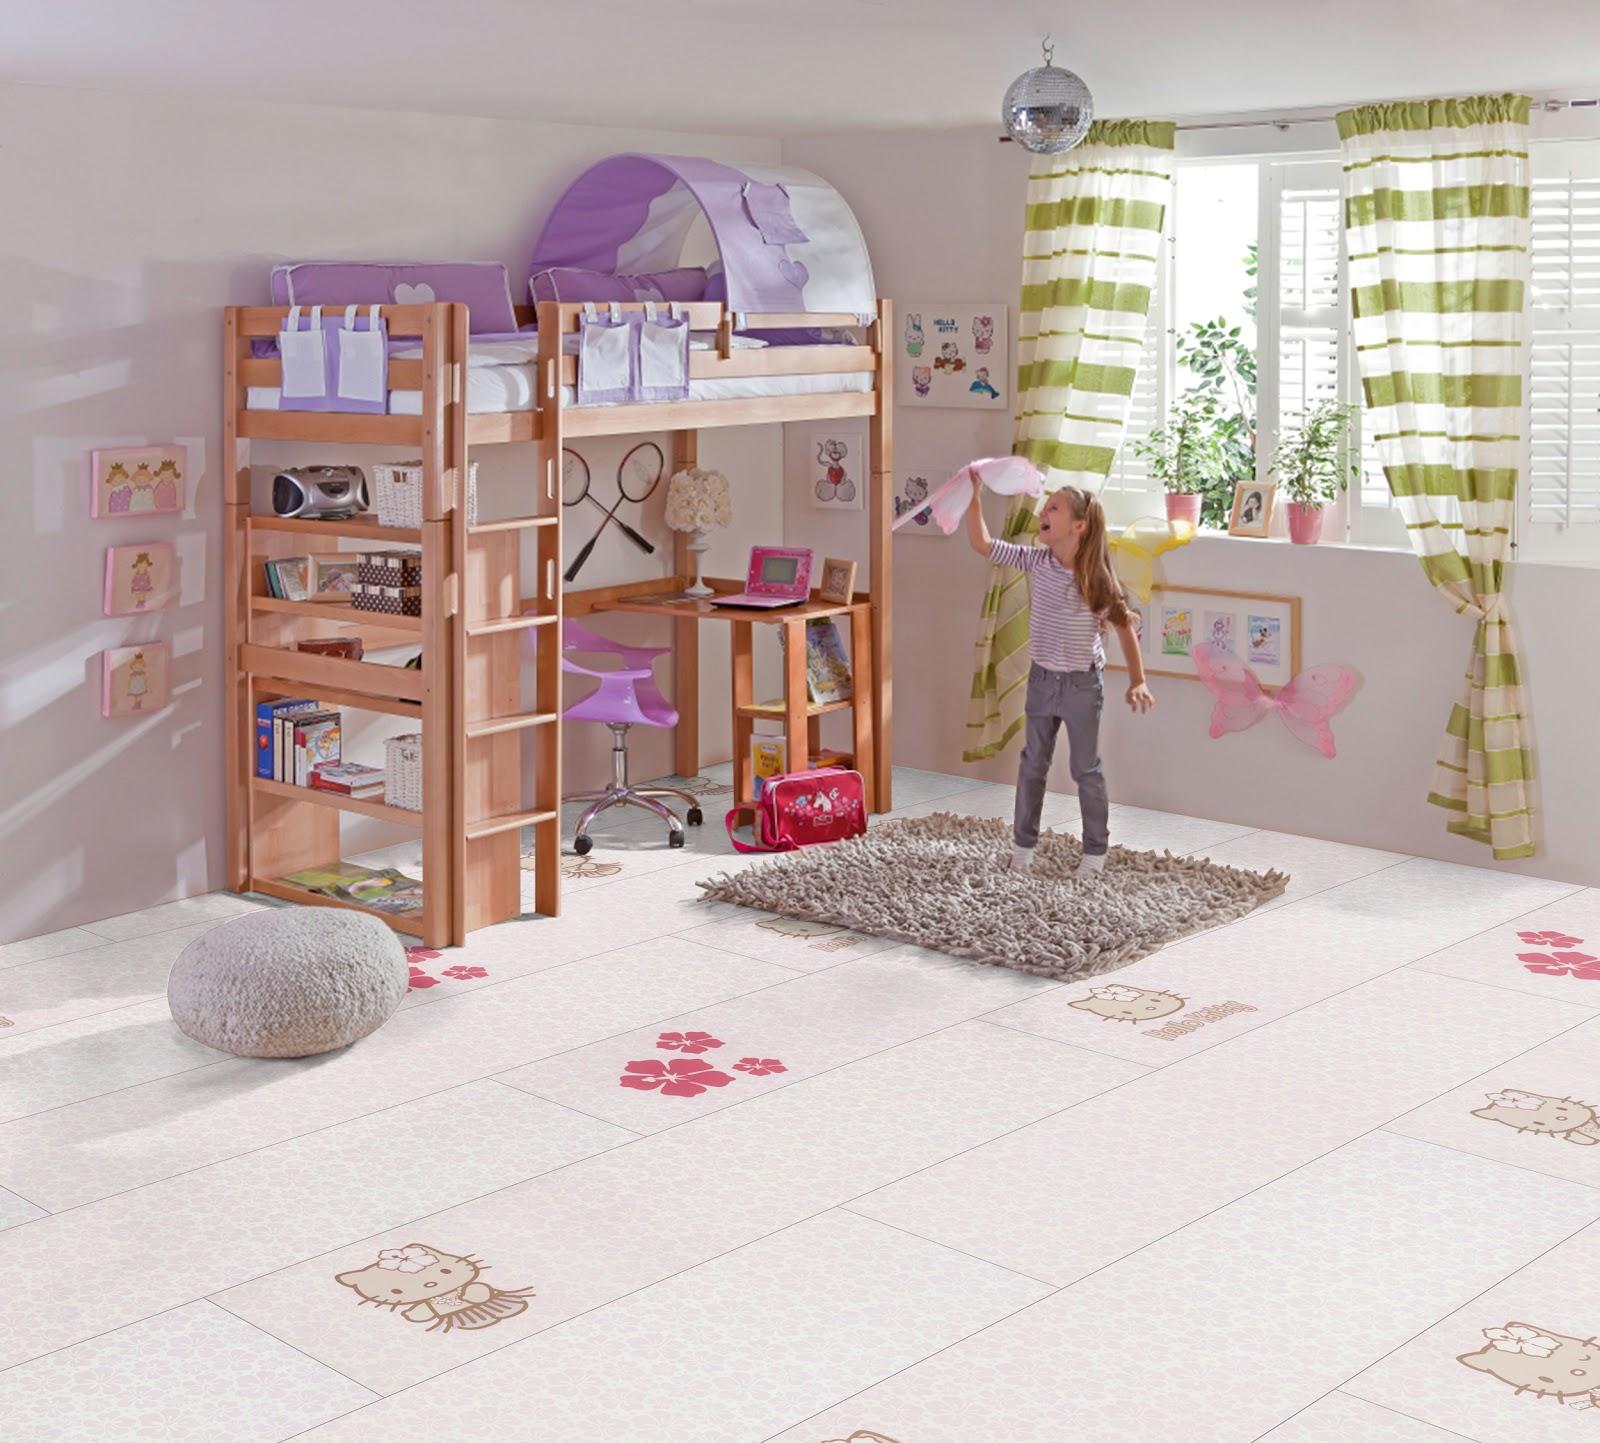 ratgeber wohnen und dekorieren: kinderzimmer: hello kitty für ... - Bodenbelag Kinderzimmer Robust